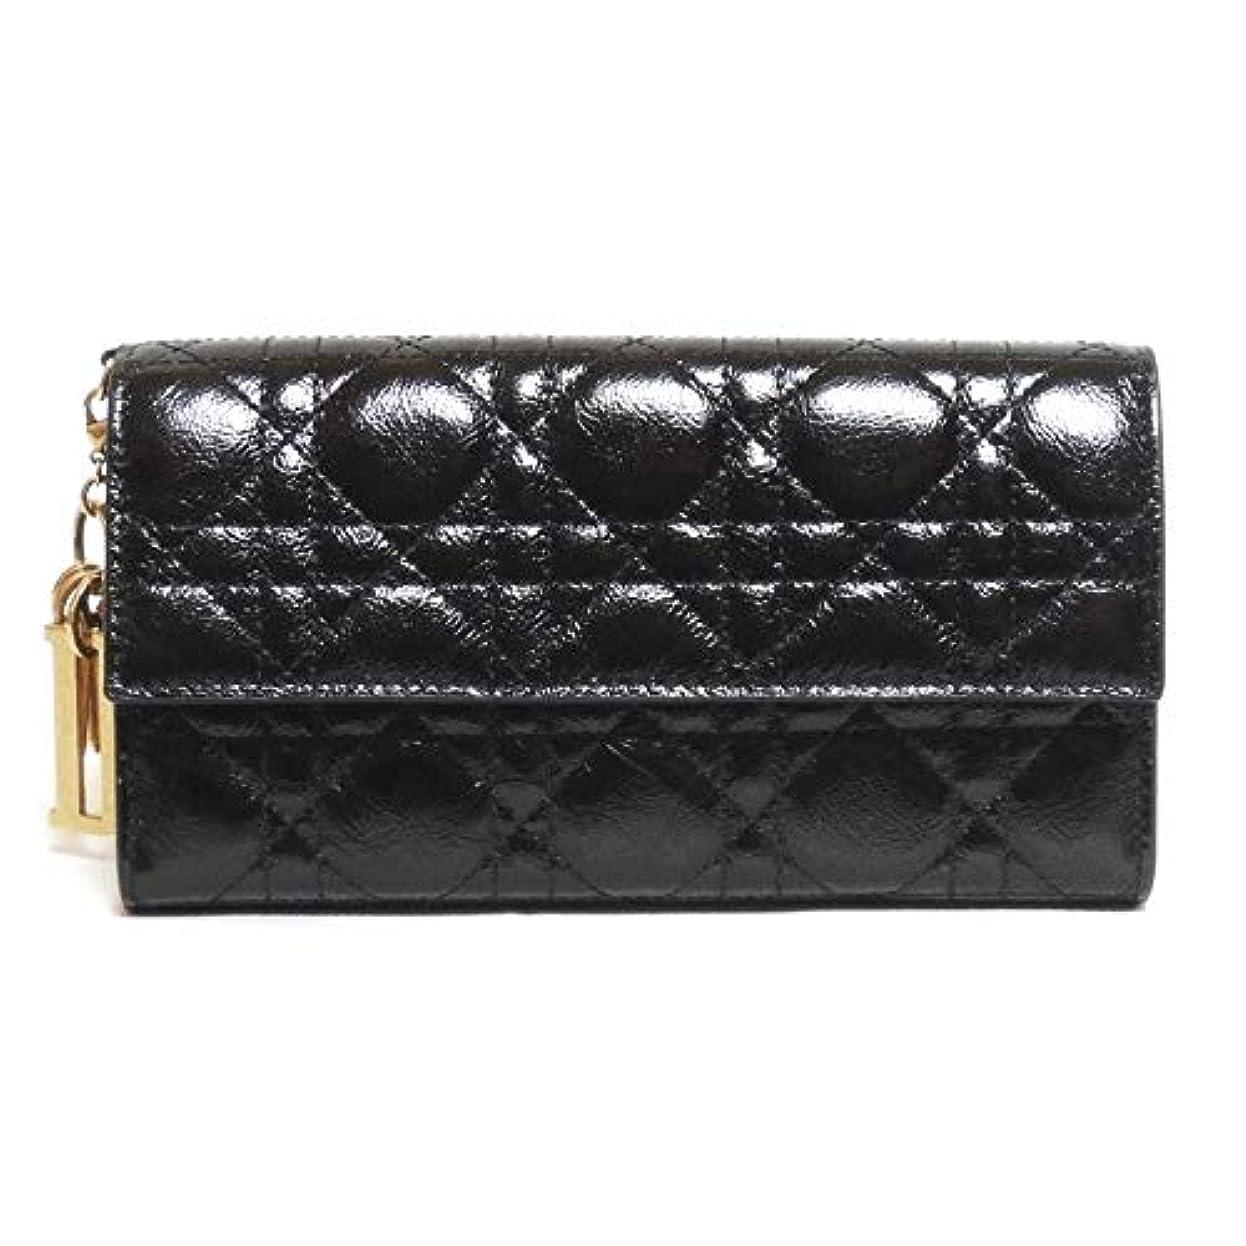 解決骨髄請求書国内直営店未入荷品 ディオール Lady Dior 長財布 ブラック S0004CVYJ M900